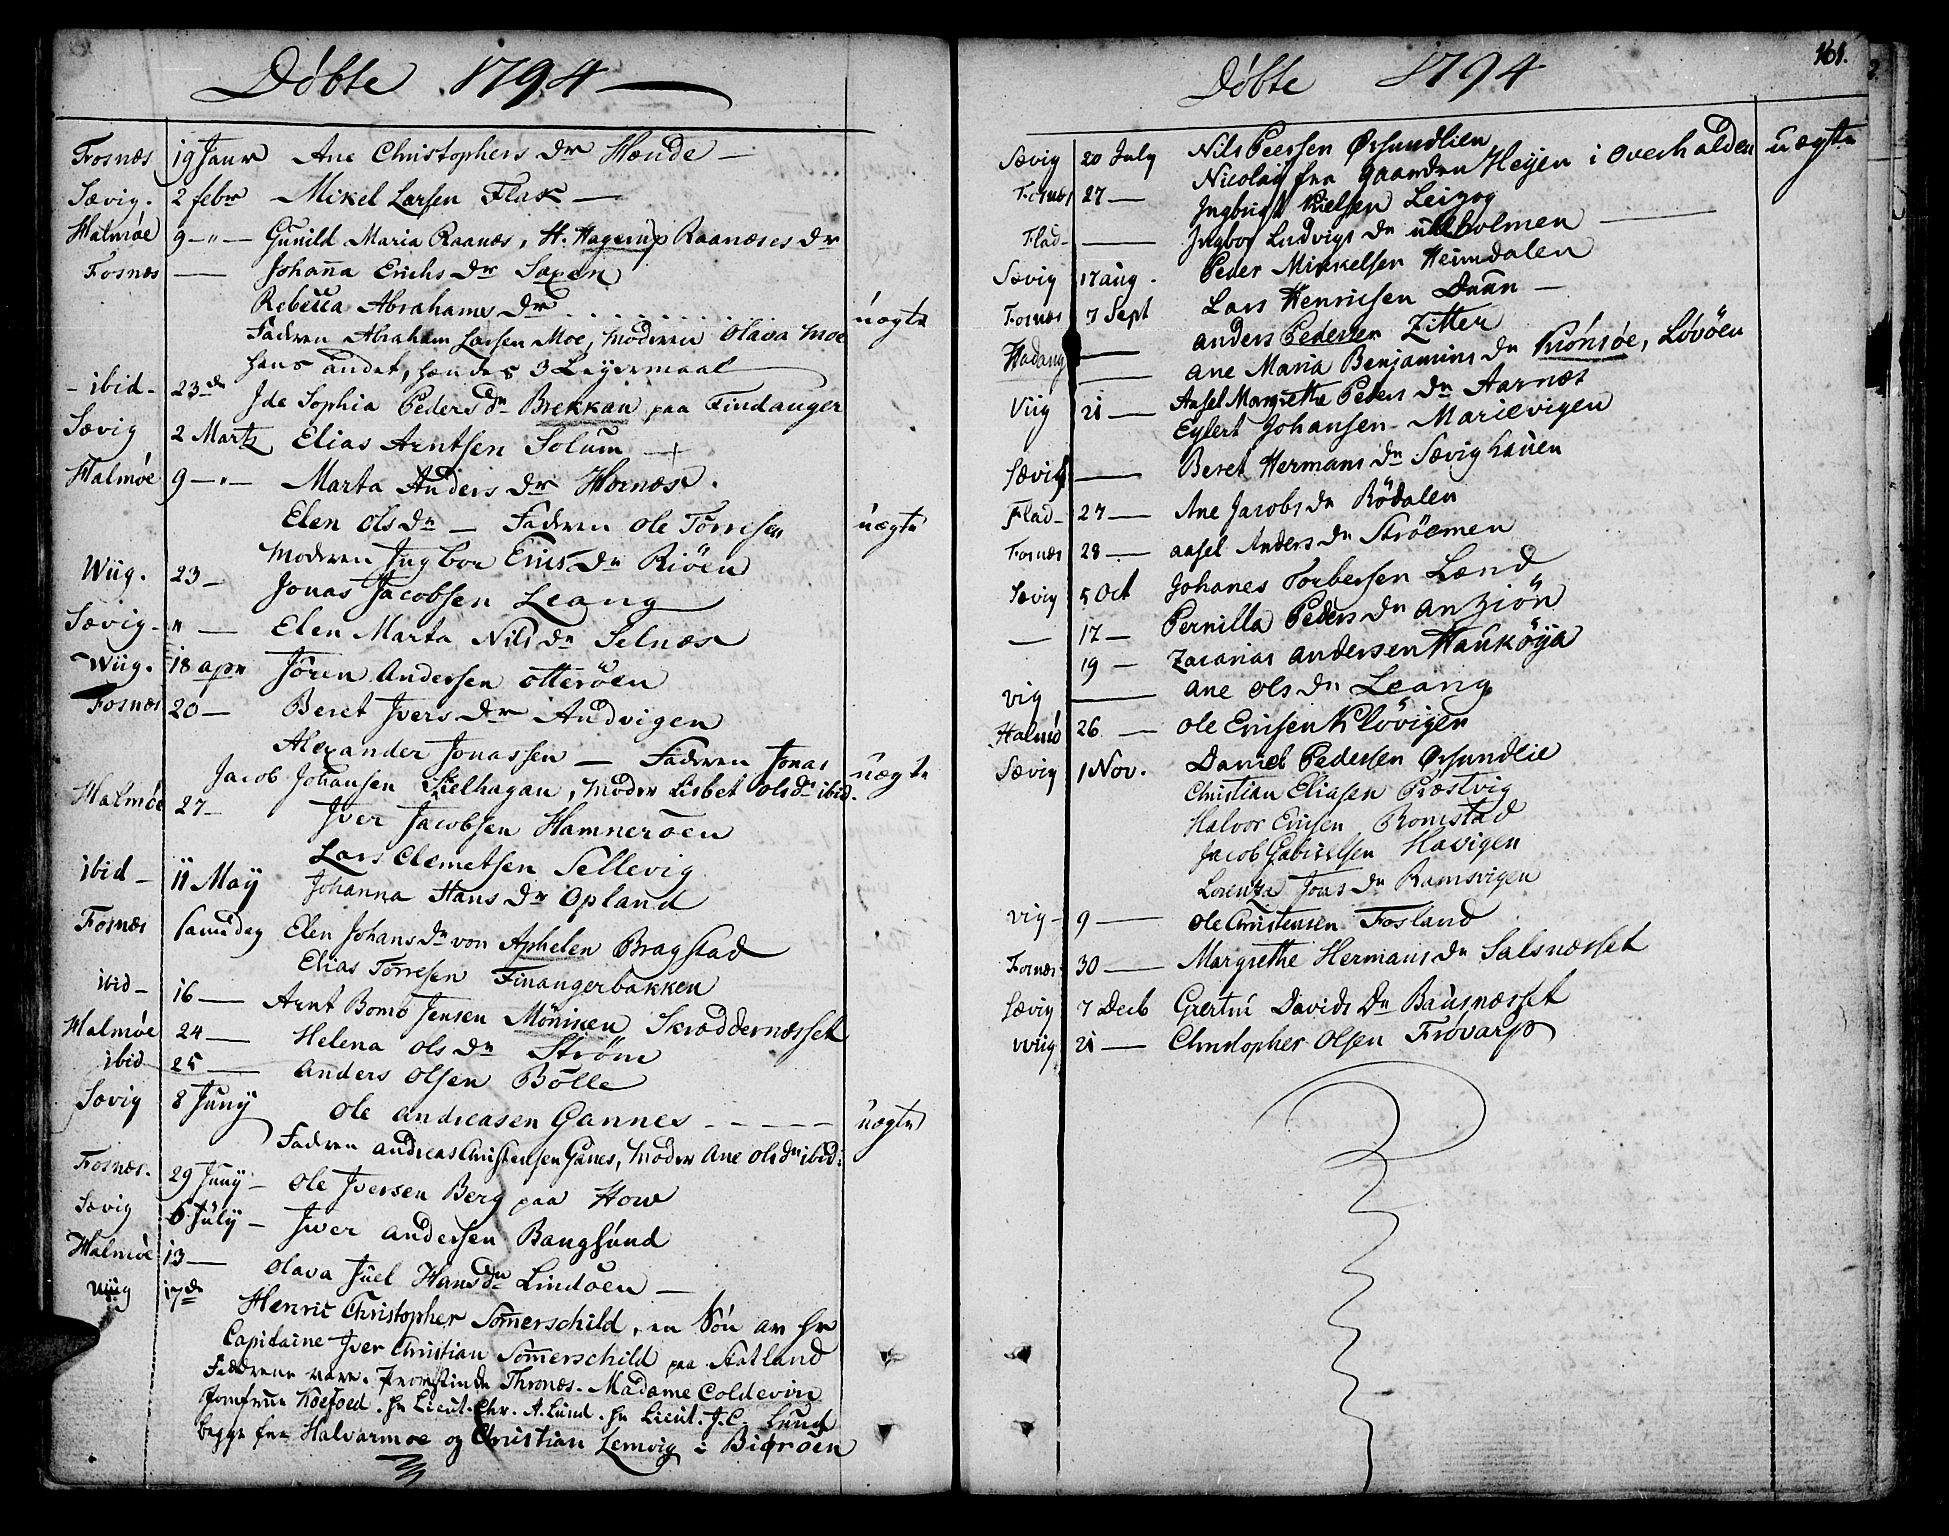 SAT, Ministerialprotokoller, klokkerbøker og fødselsregistre - Nord-Trøndelag, 773/L0608: Ministerialbok nr. 773A02, 1784-1816, s. 161